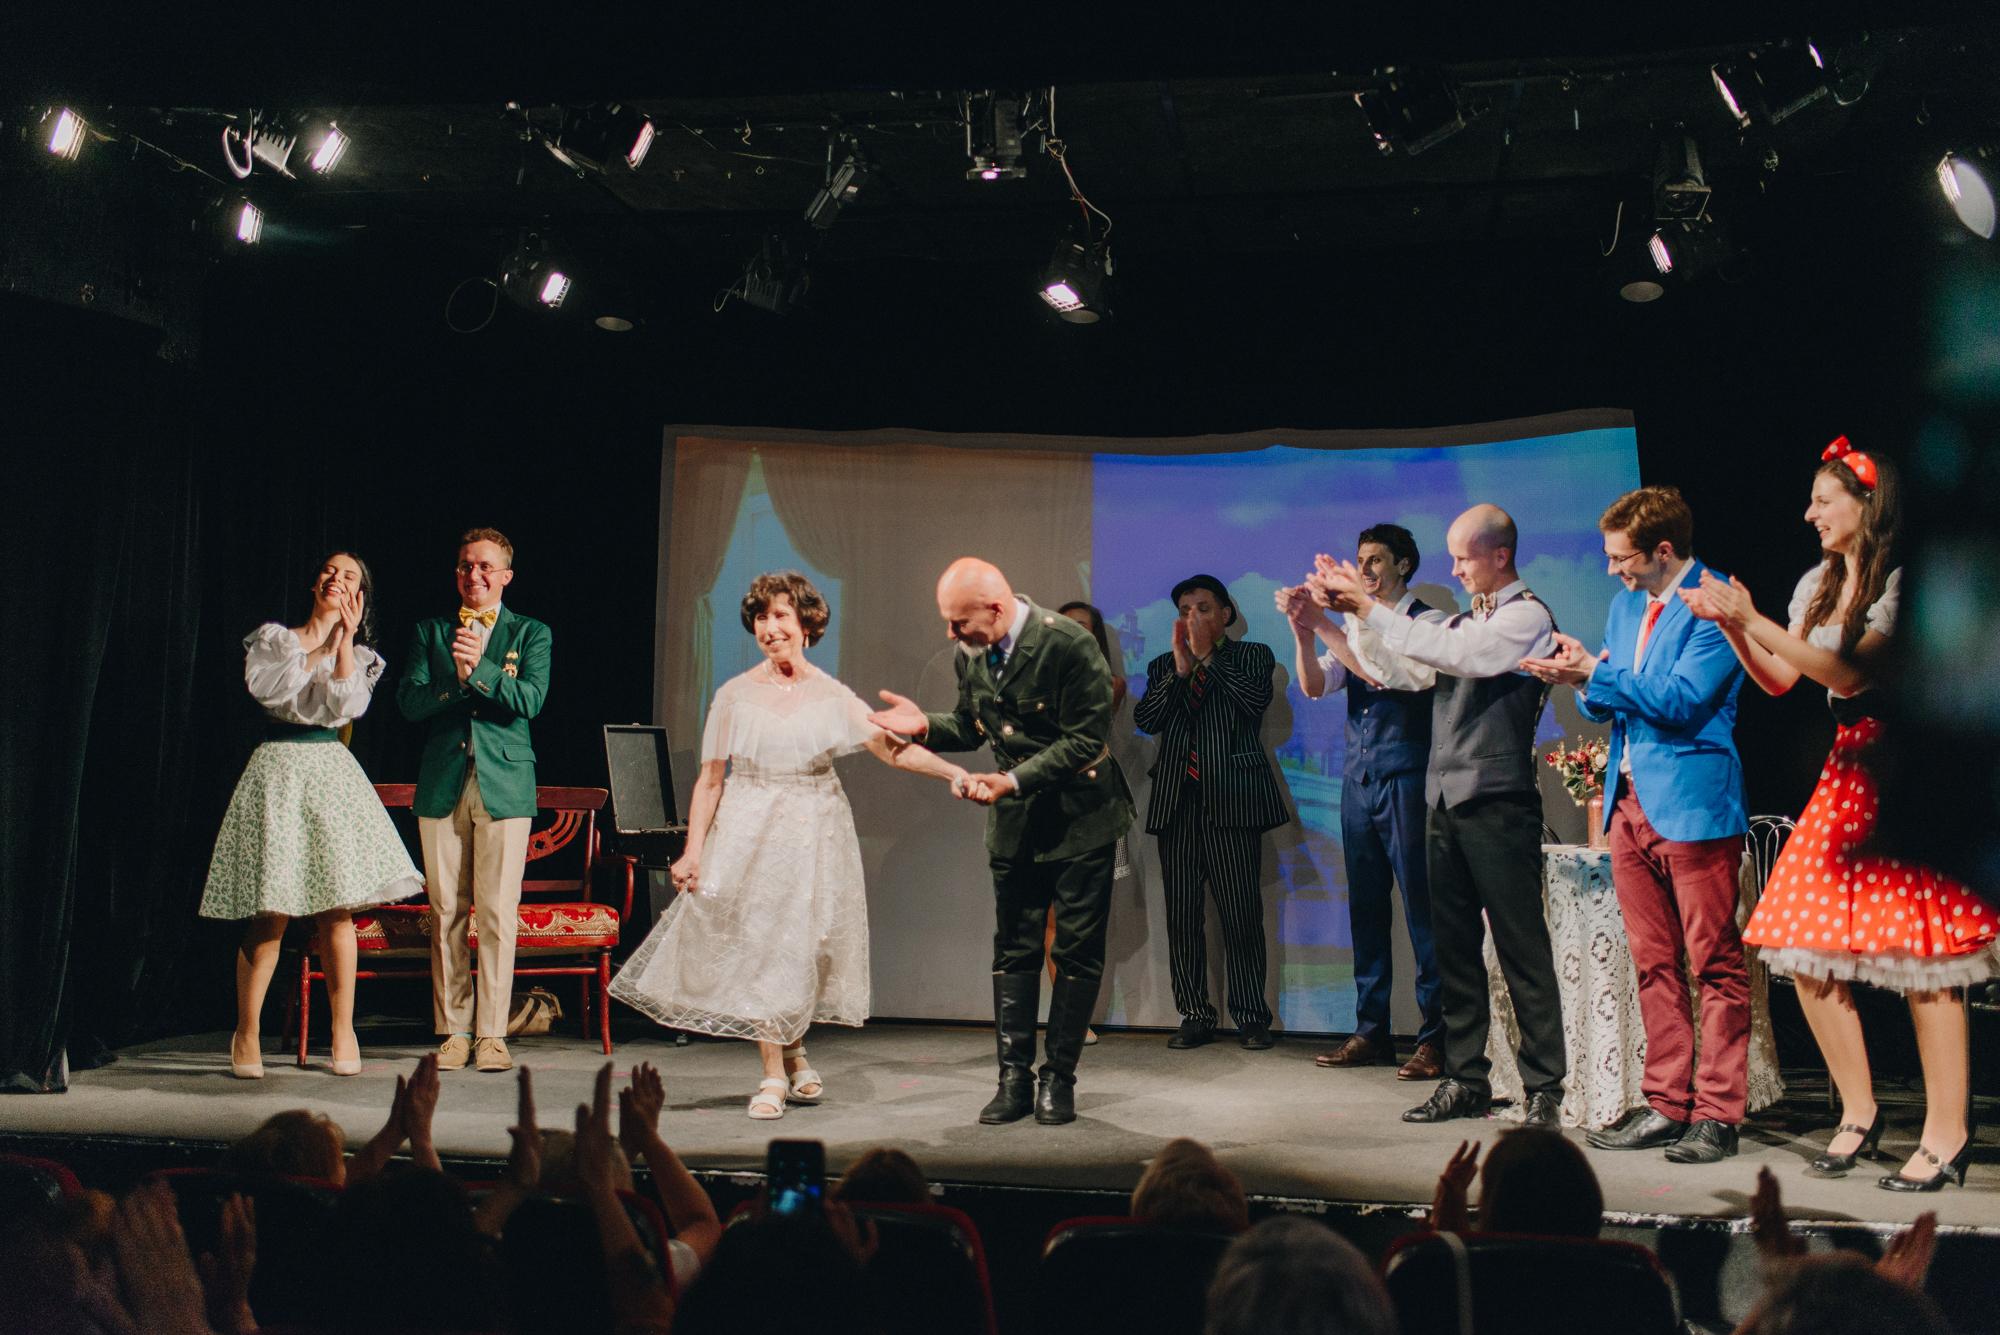 У київському театрі замість професійної акторки на сцену вийшла 70-річна бабуся